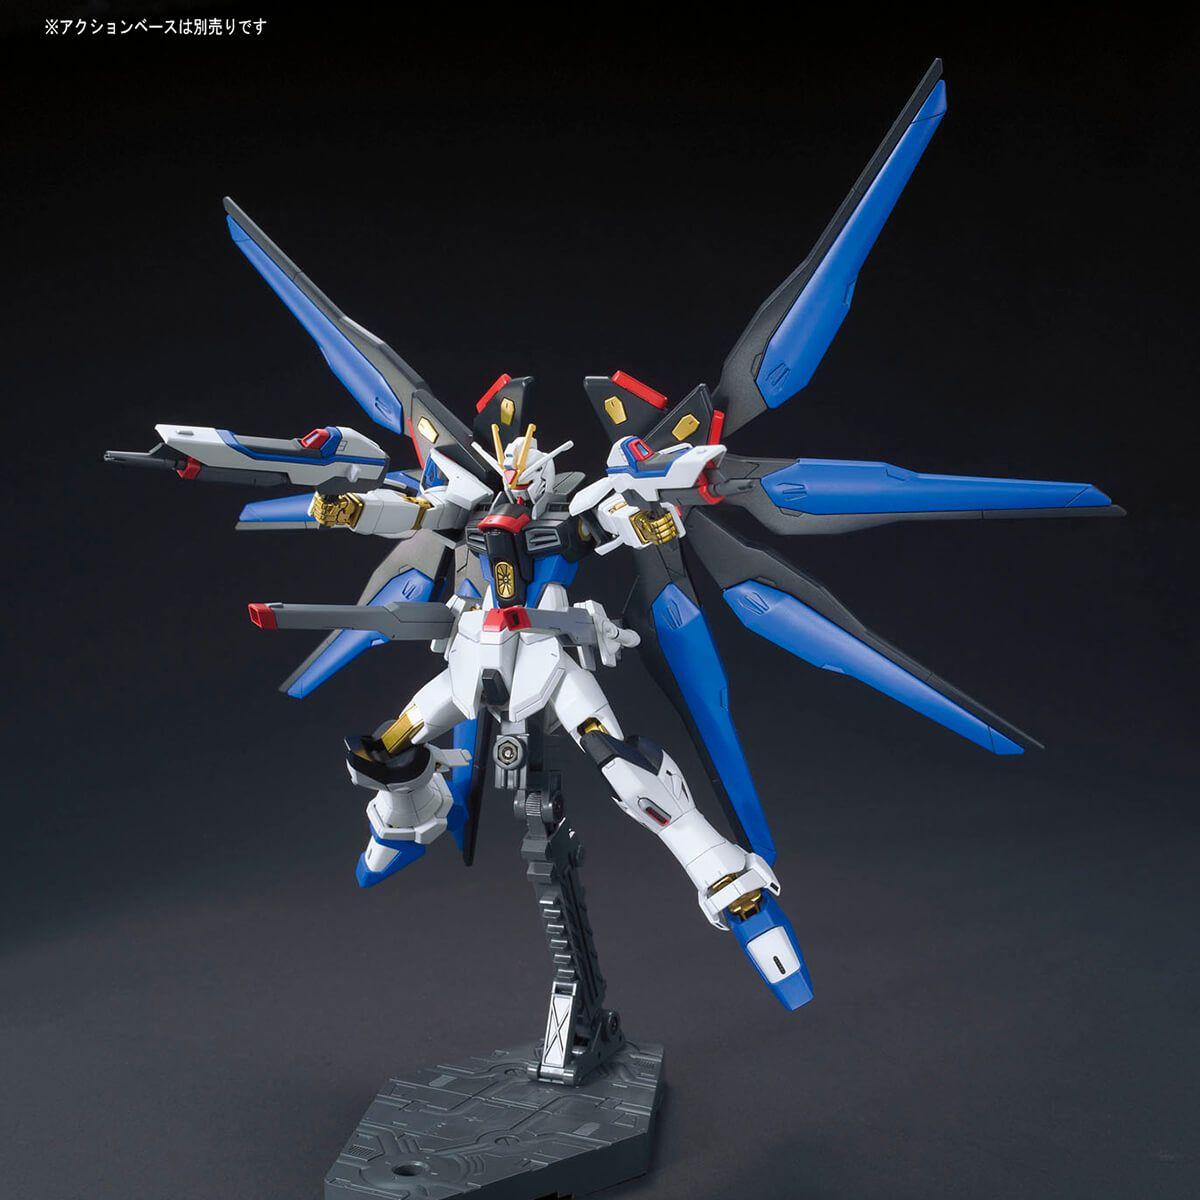 STRIKE FREEDOM Gundam HG 1/144 Bandai